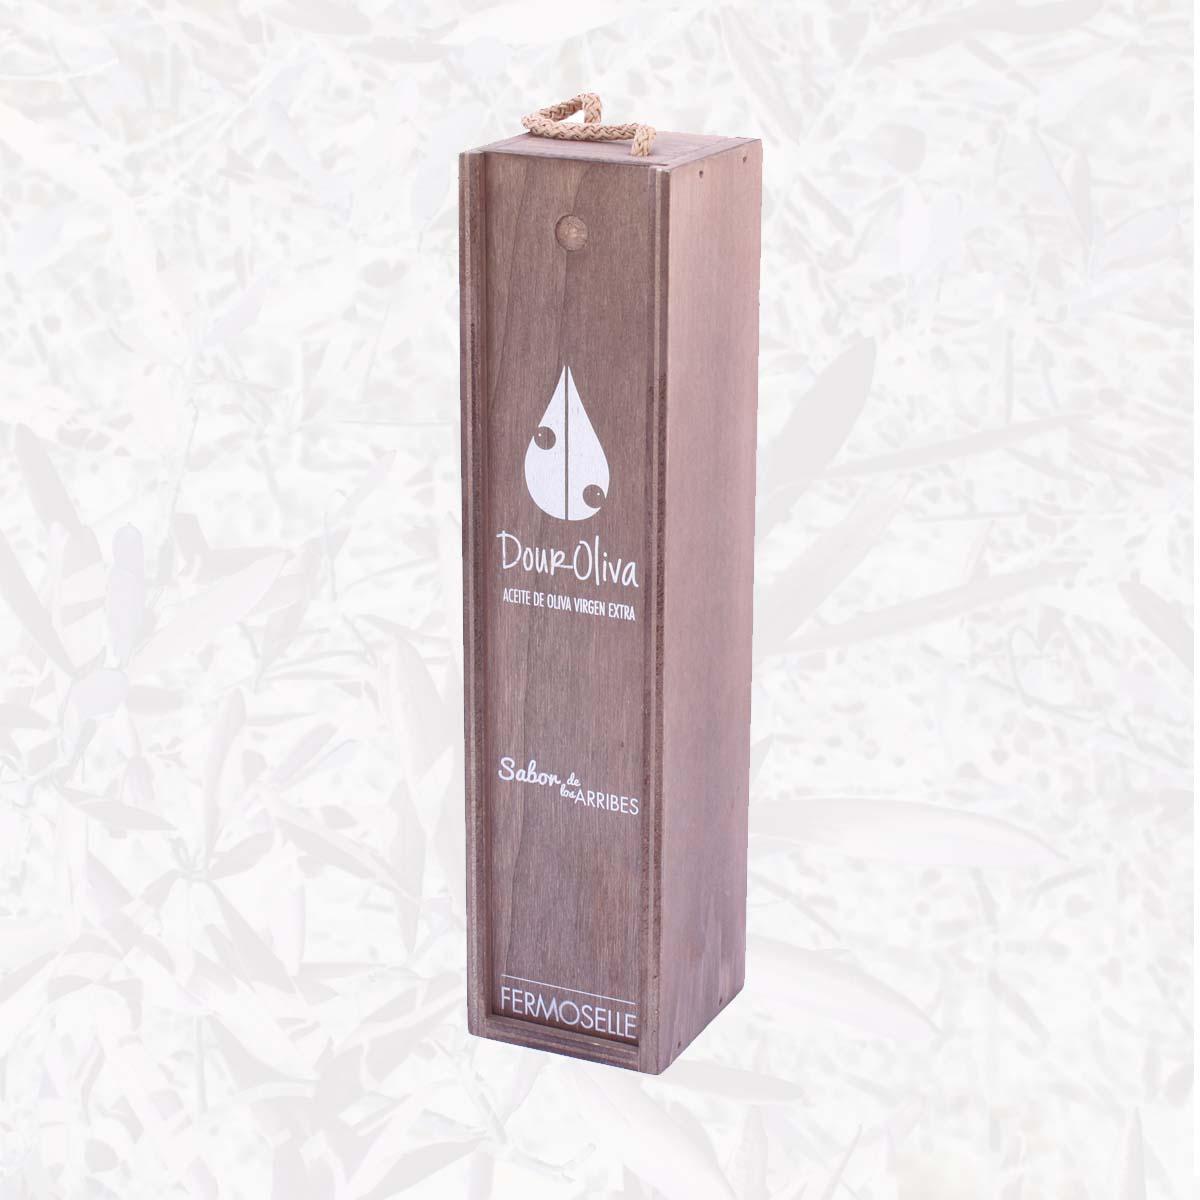 aceite-oliva-douroliva-250ml